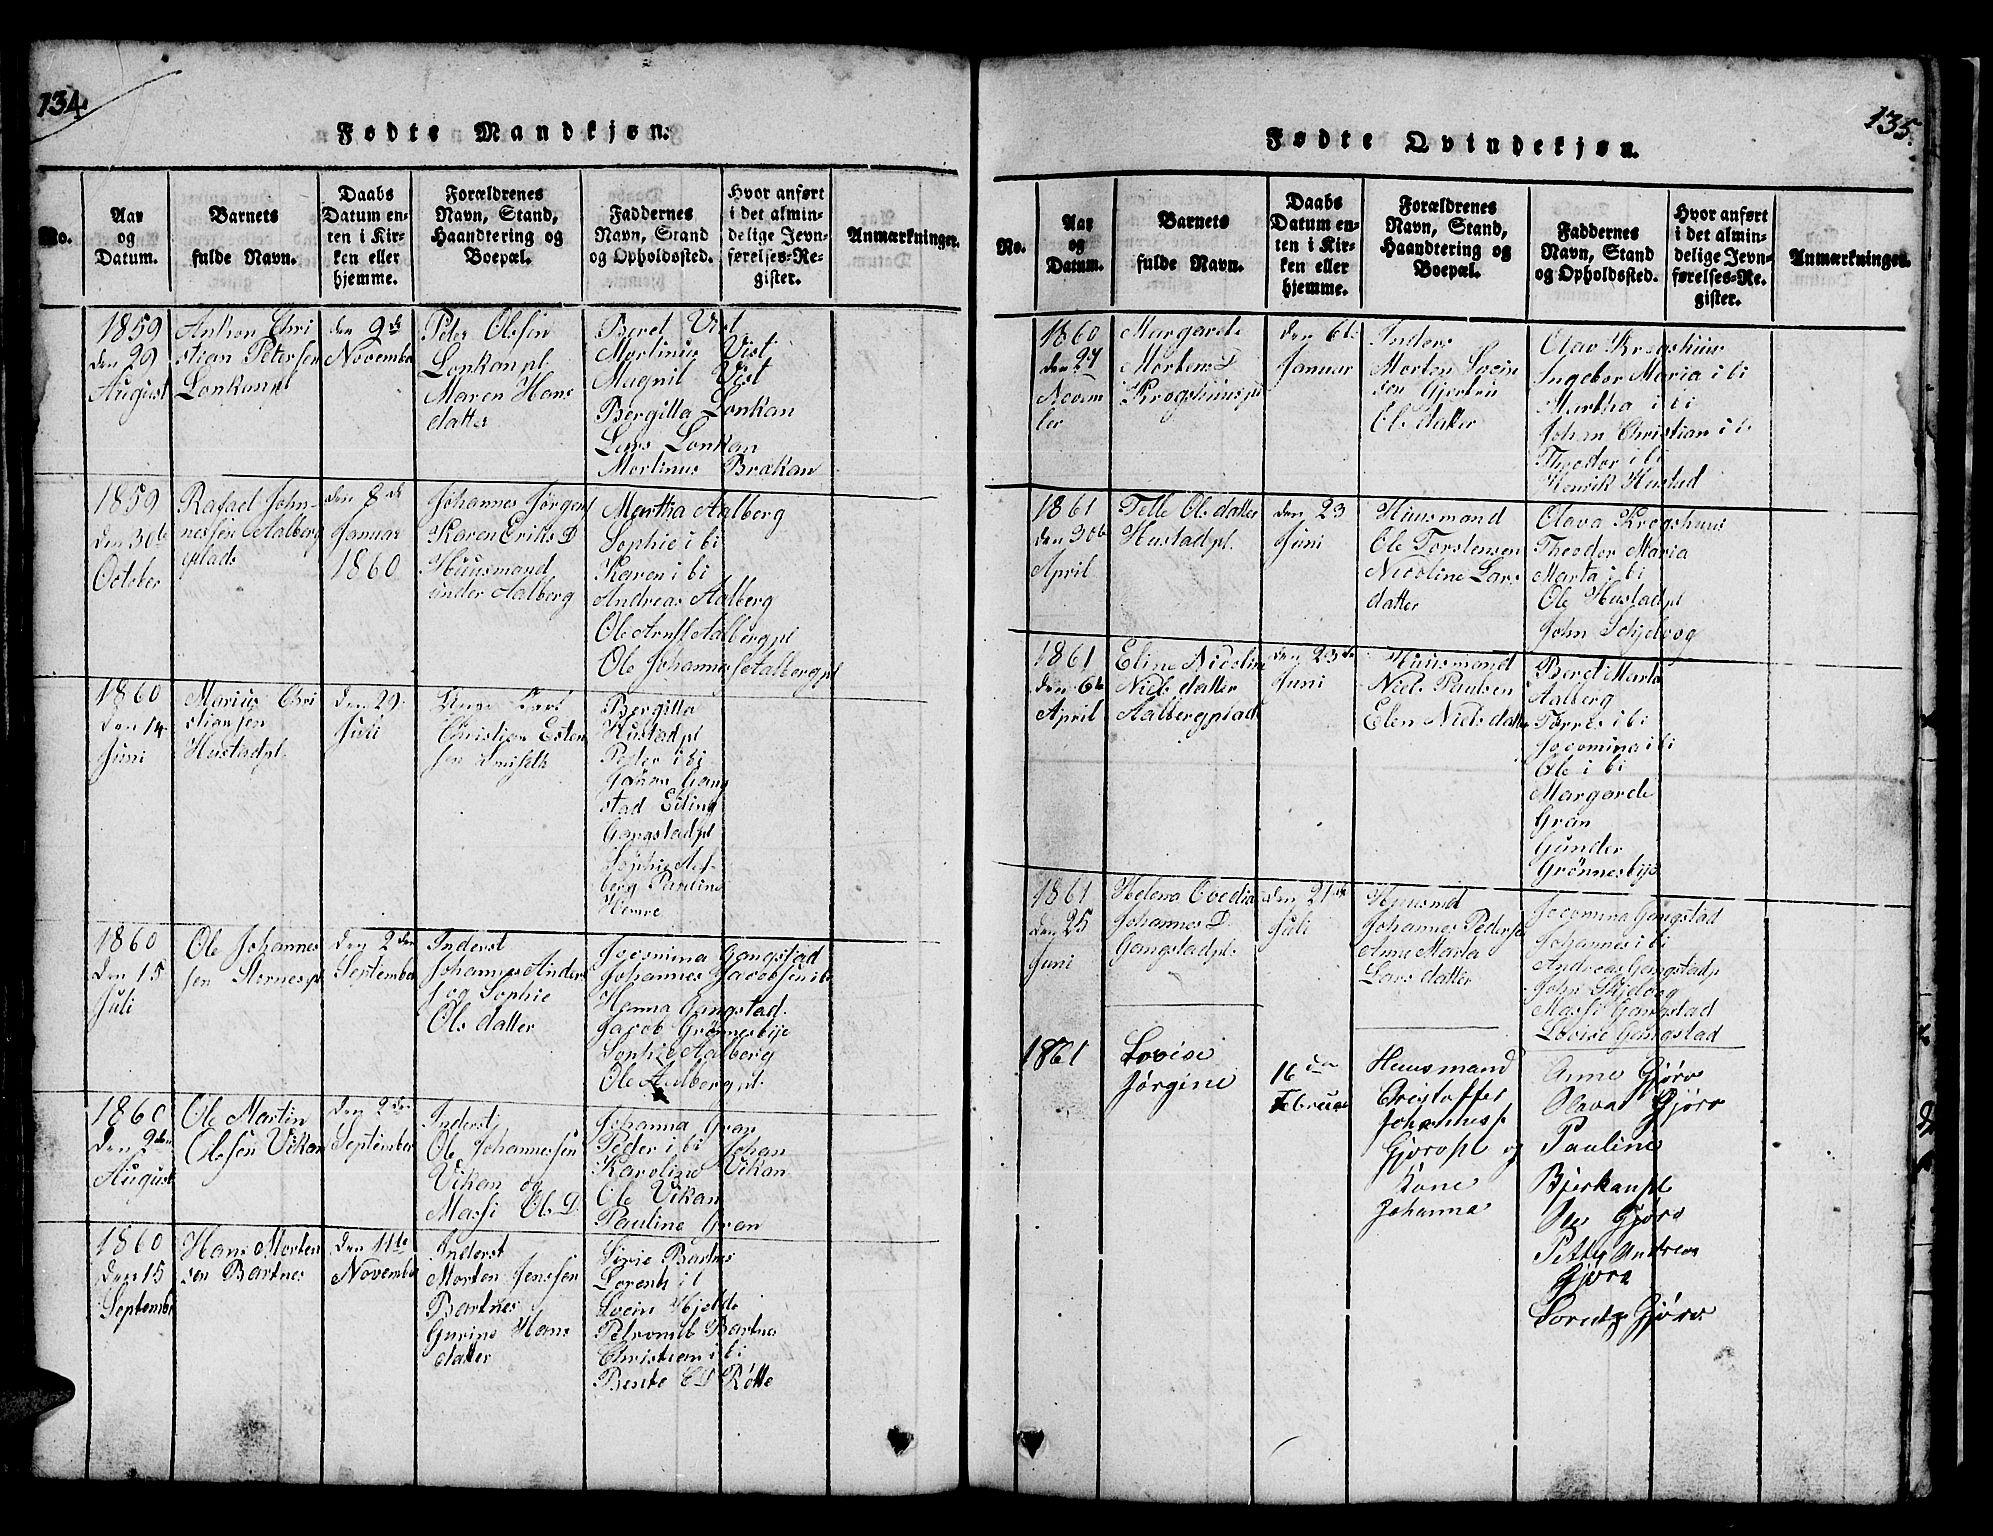 SAT, Ministerialprotokoller, klokkerbøker og fødselsregistre - Nord-Trøndelag, 732/L0317: Klokkerbok nr. 732C01, 1816-1881, s. 134-135